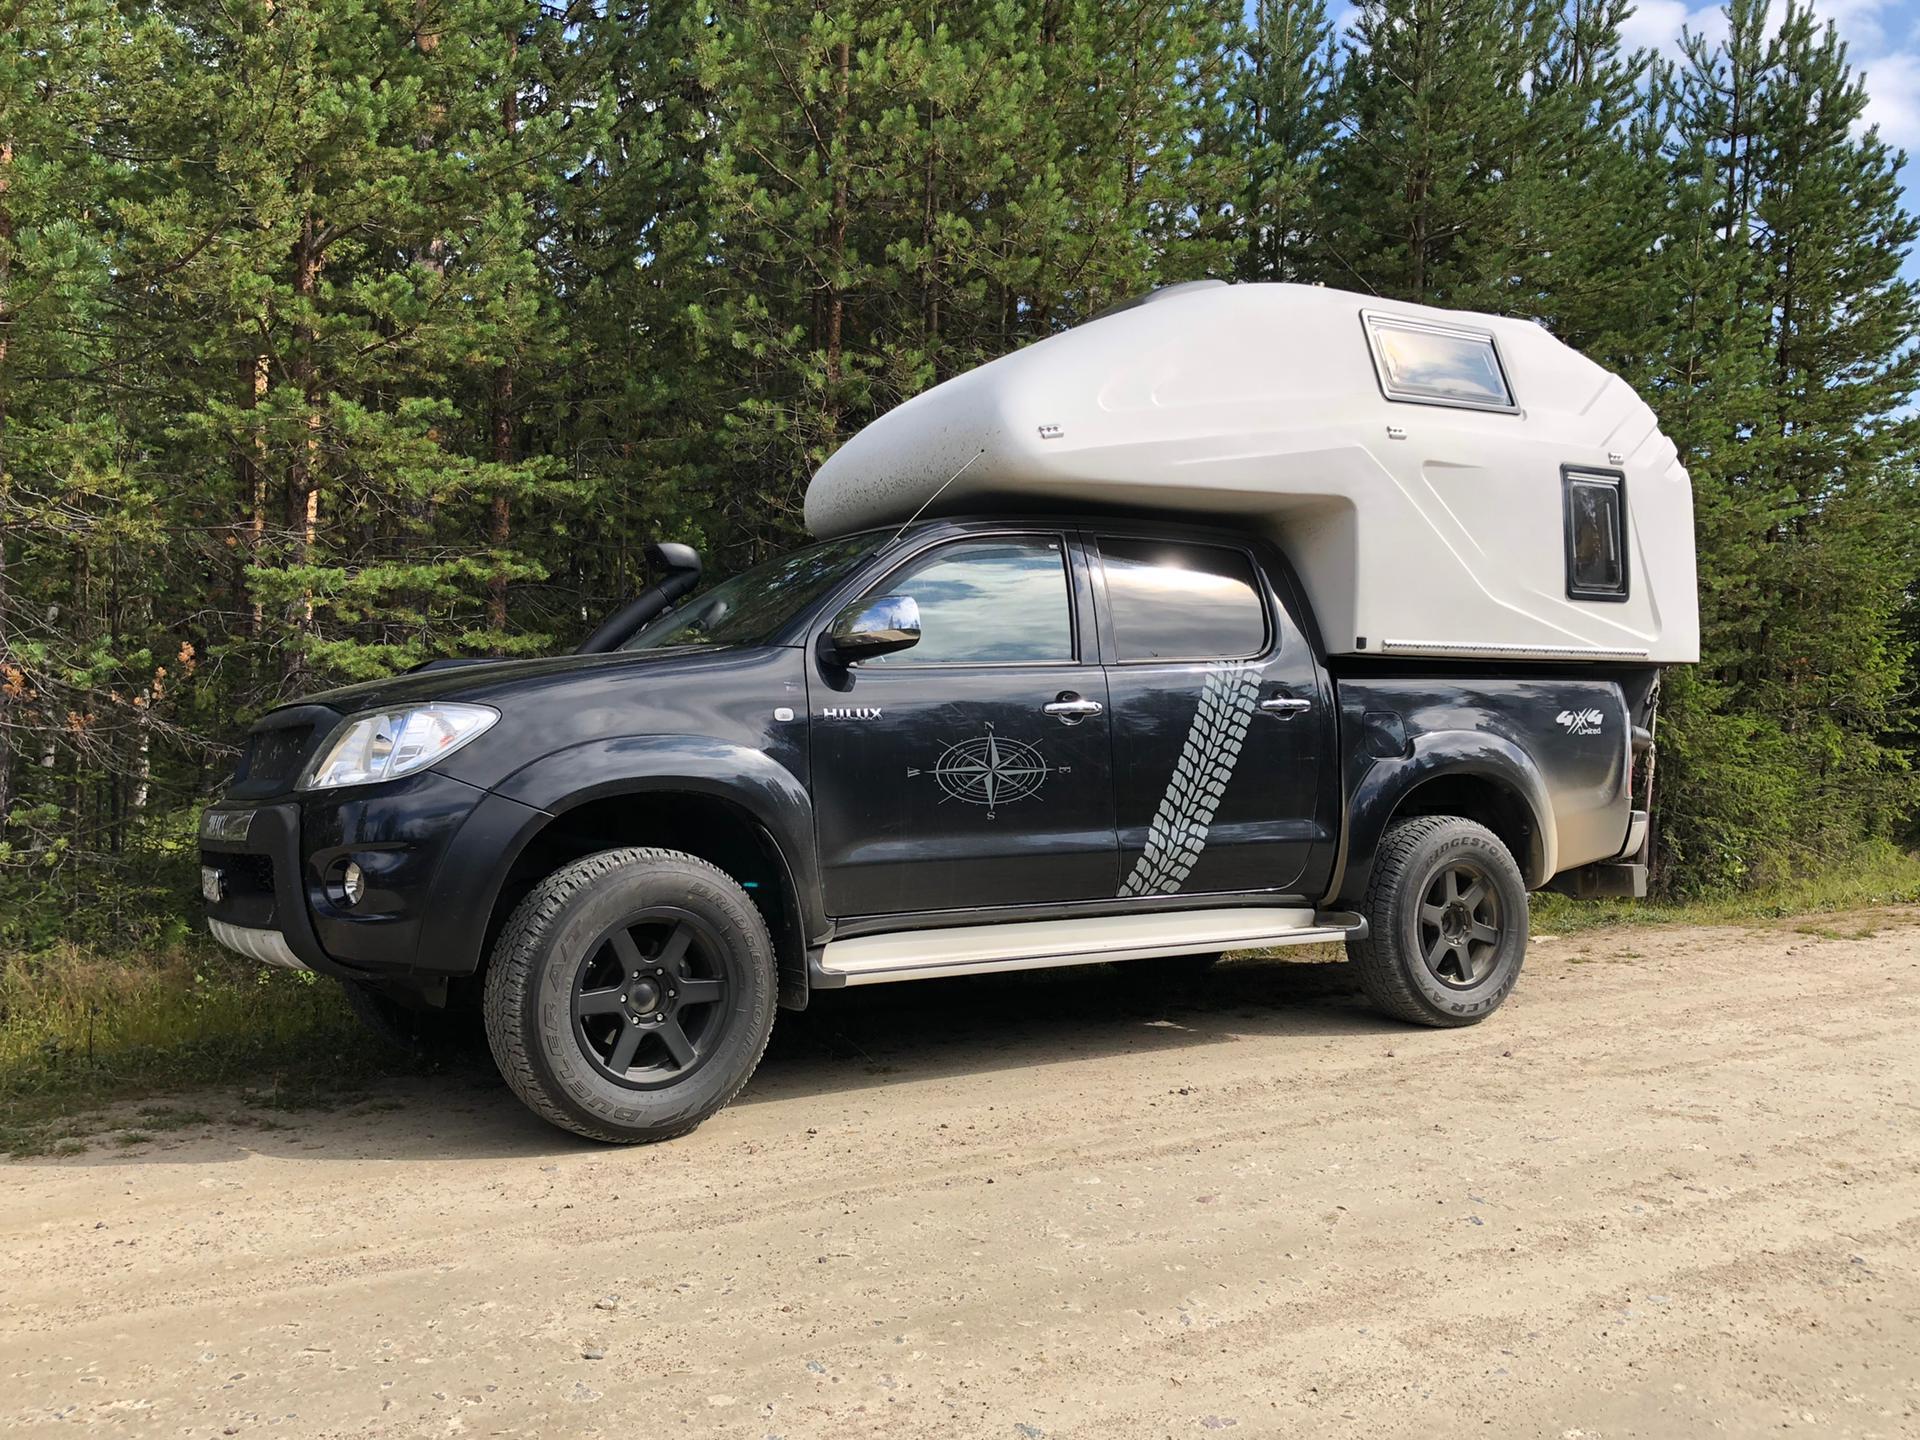 Top Reisefahrzeug für 2 Personen: Toyota Hilux 3.0 mit Wohnkabine zu verkaufen